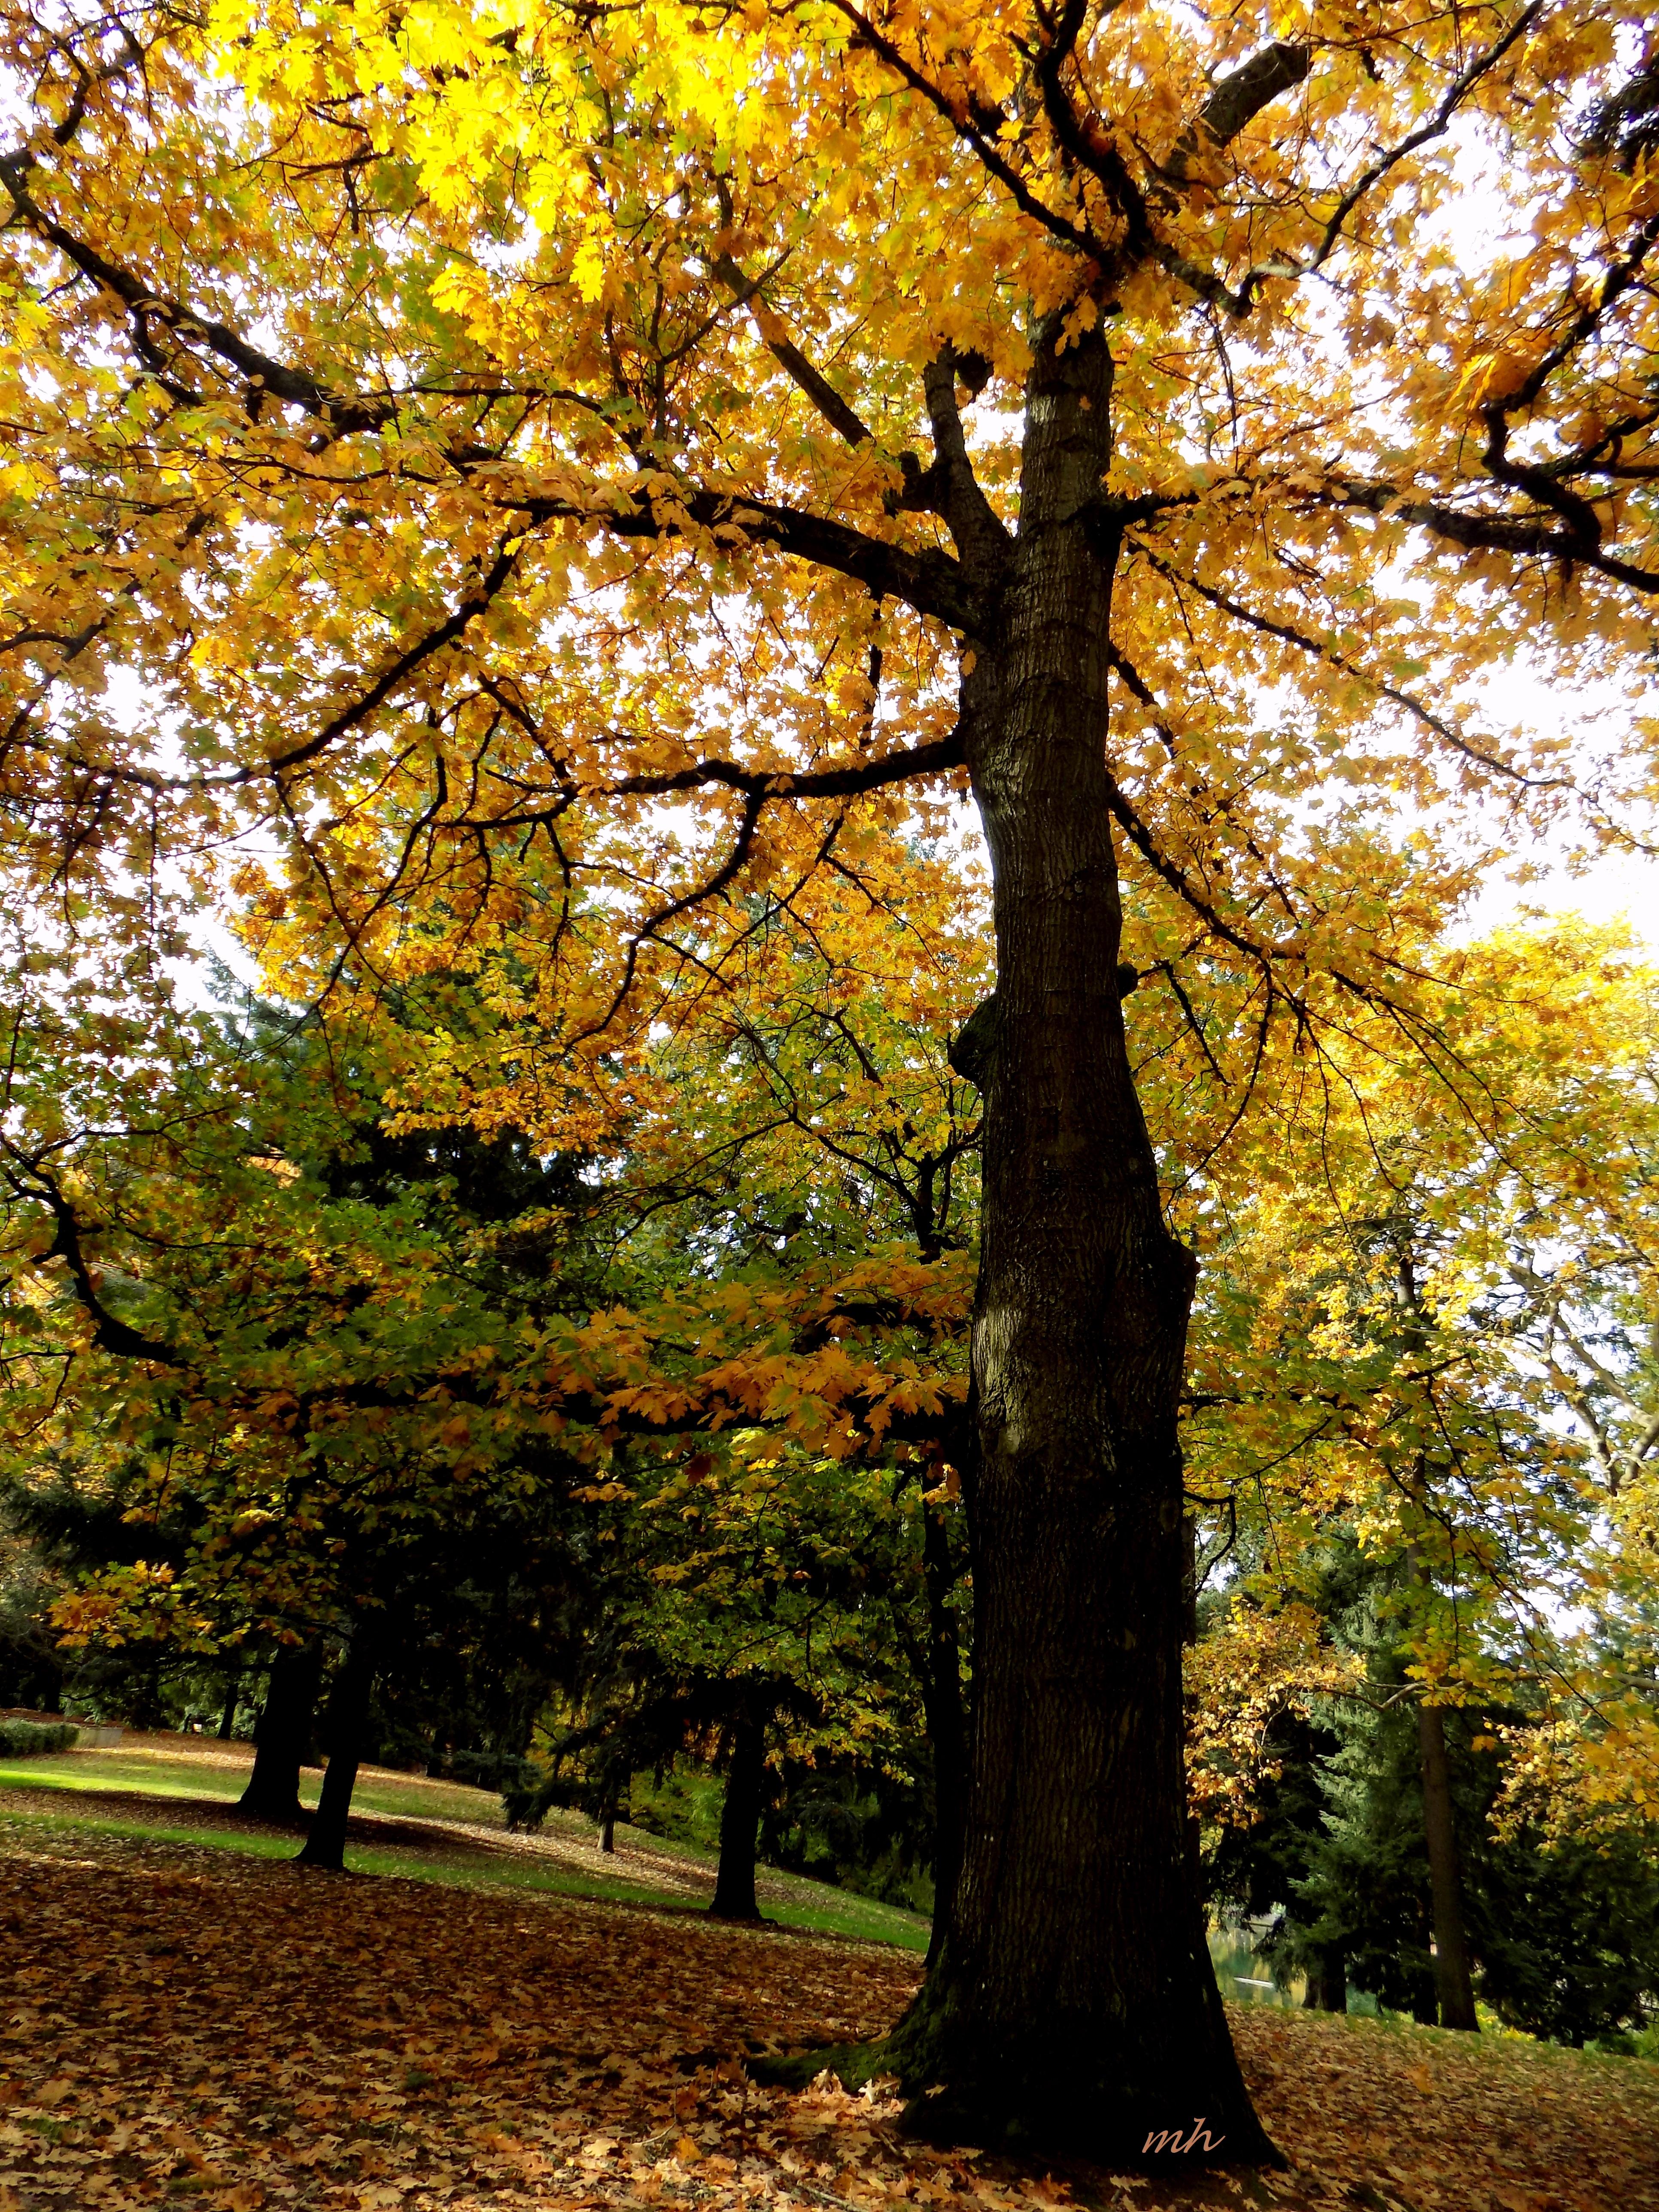 laurelhurst-park-in-portland-2016-5